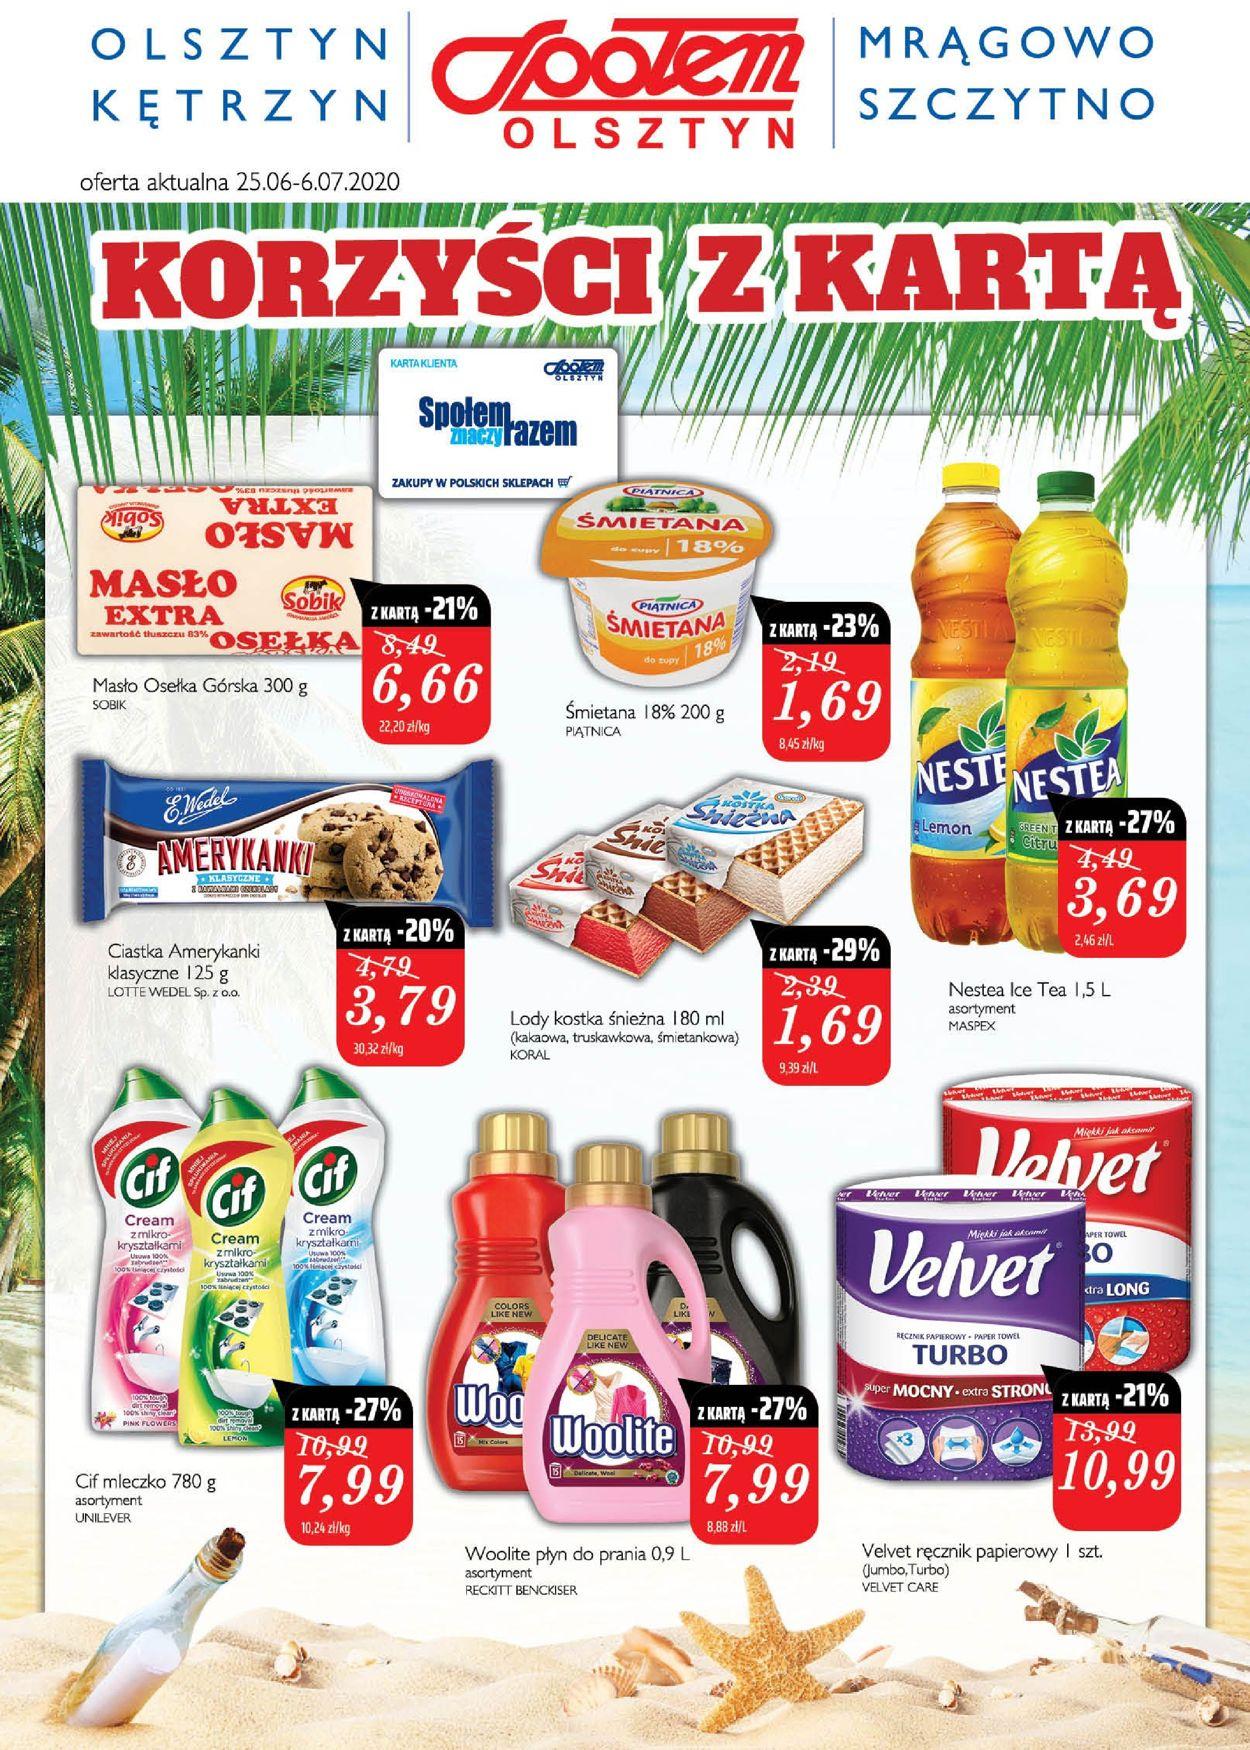 Gazetka promocyjna Społem - 25.06-06.07.2020